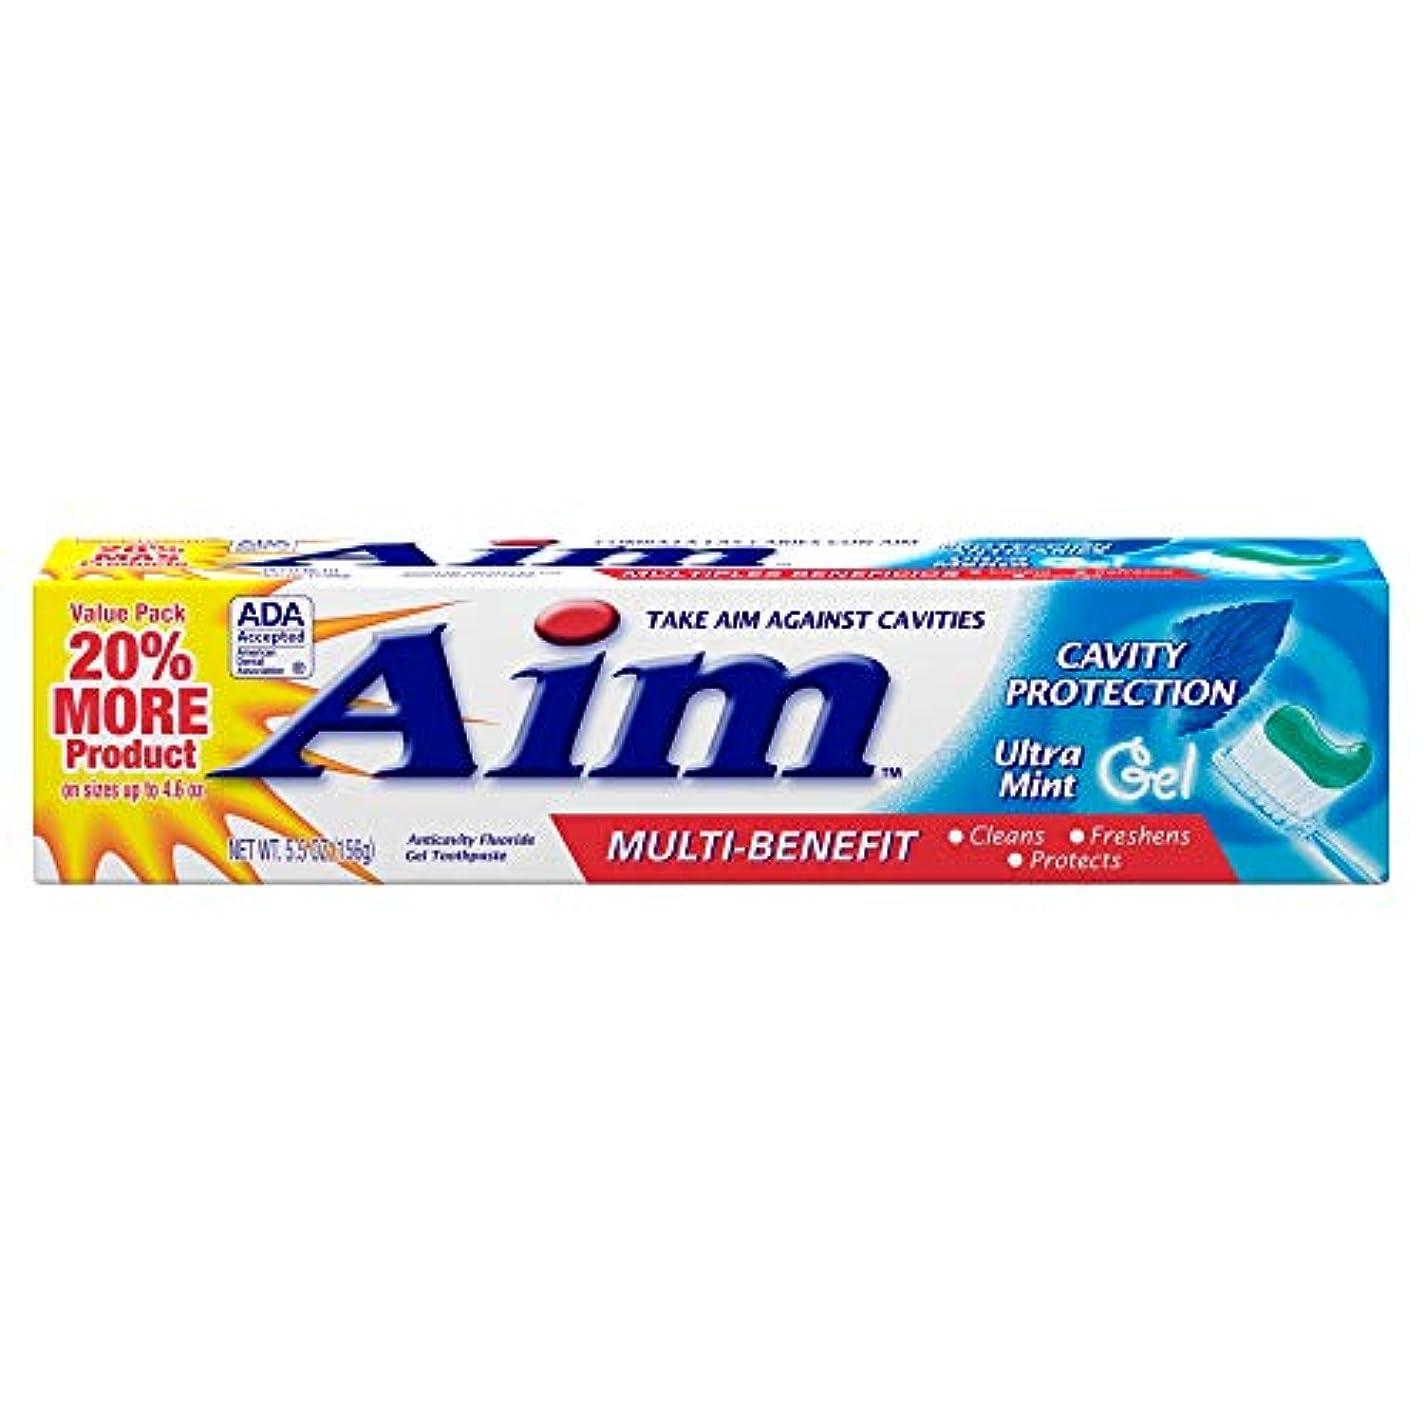 積極的に大佐共同選択AIM 空洞保護歯磨きウルトラミントジェル、5.5オンス、4パック 4パック